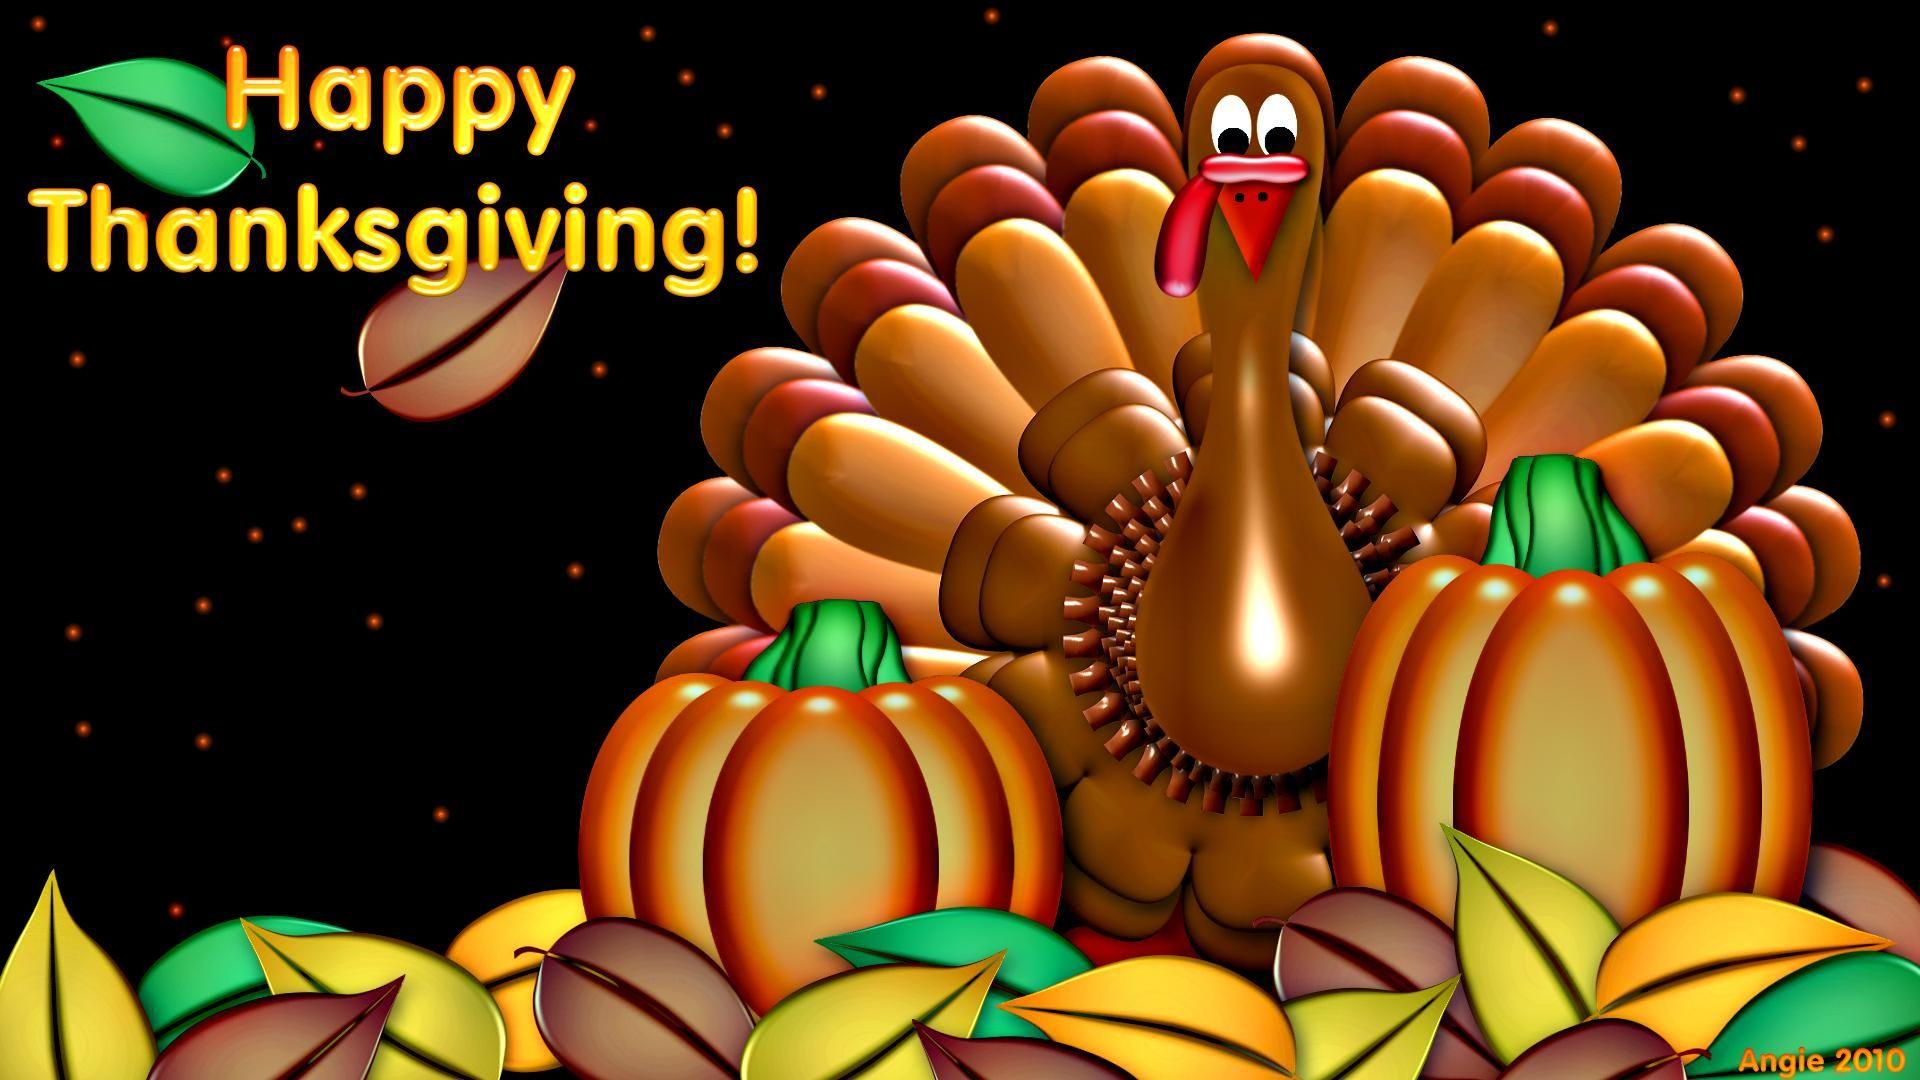 Thanksgiving turkey wallpaper download 10241024 turkey wallpapers thanksgiving turkey wallpaper download 10241024 turkey wallpapers free 40 wallpapers adorable voltagebd Gallery